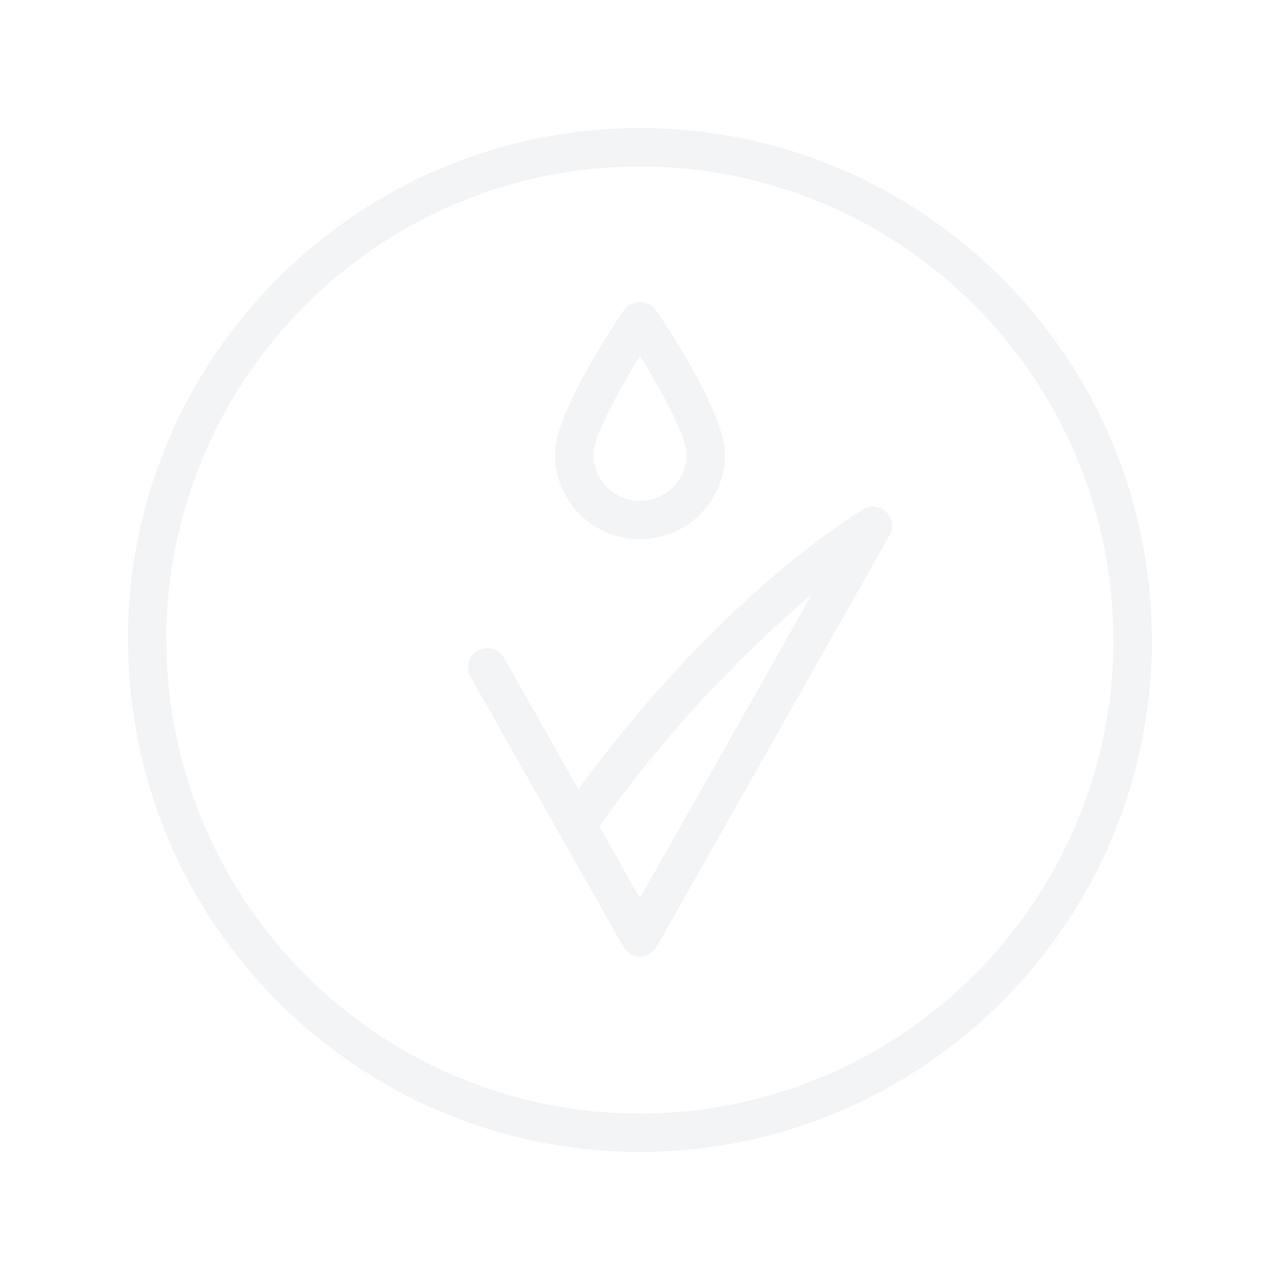 PHYTO Phytopanama Daily Balancing Shampoo 200ml